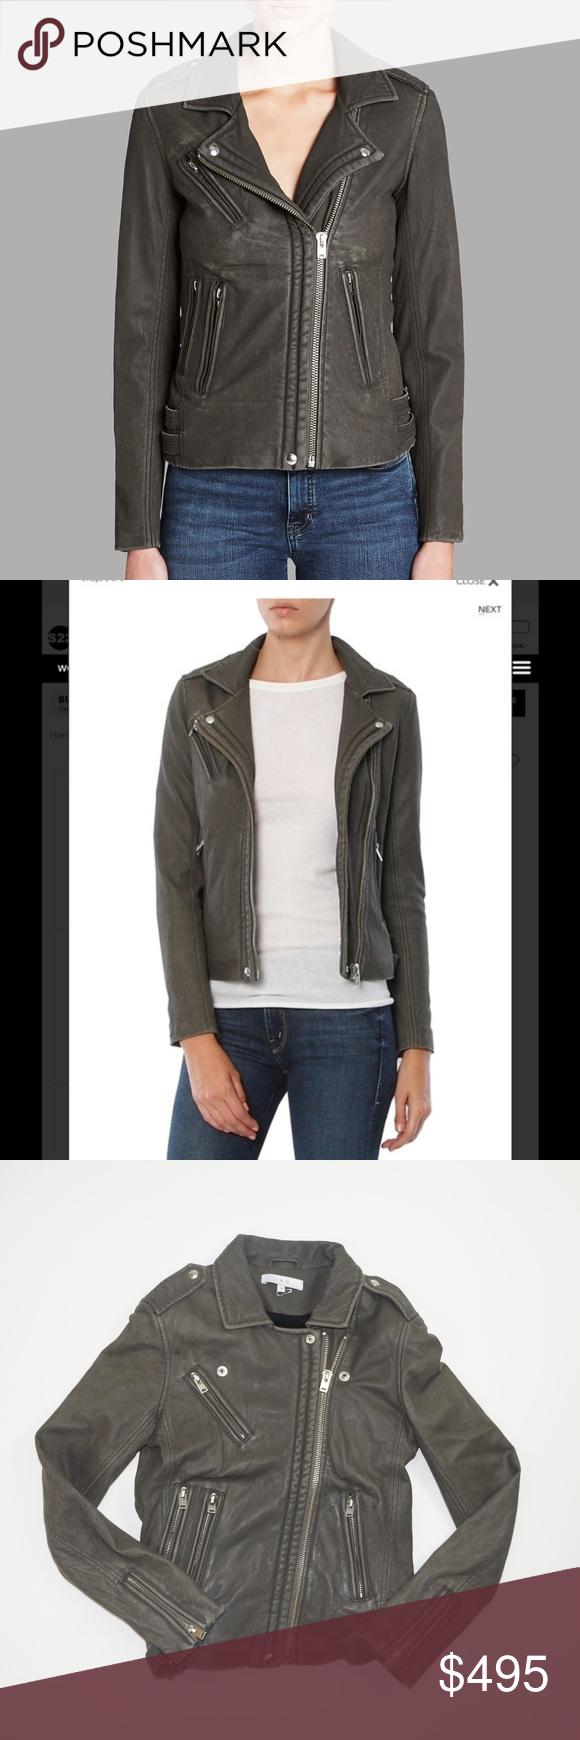 Iro Han Smoke Grey Leather Jacket Grey Leather Jacket Leather Jacket Jackets [ 1740 x 580 Pixel ]